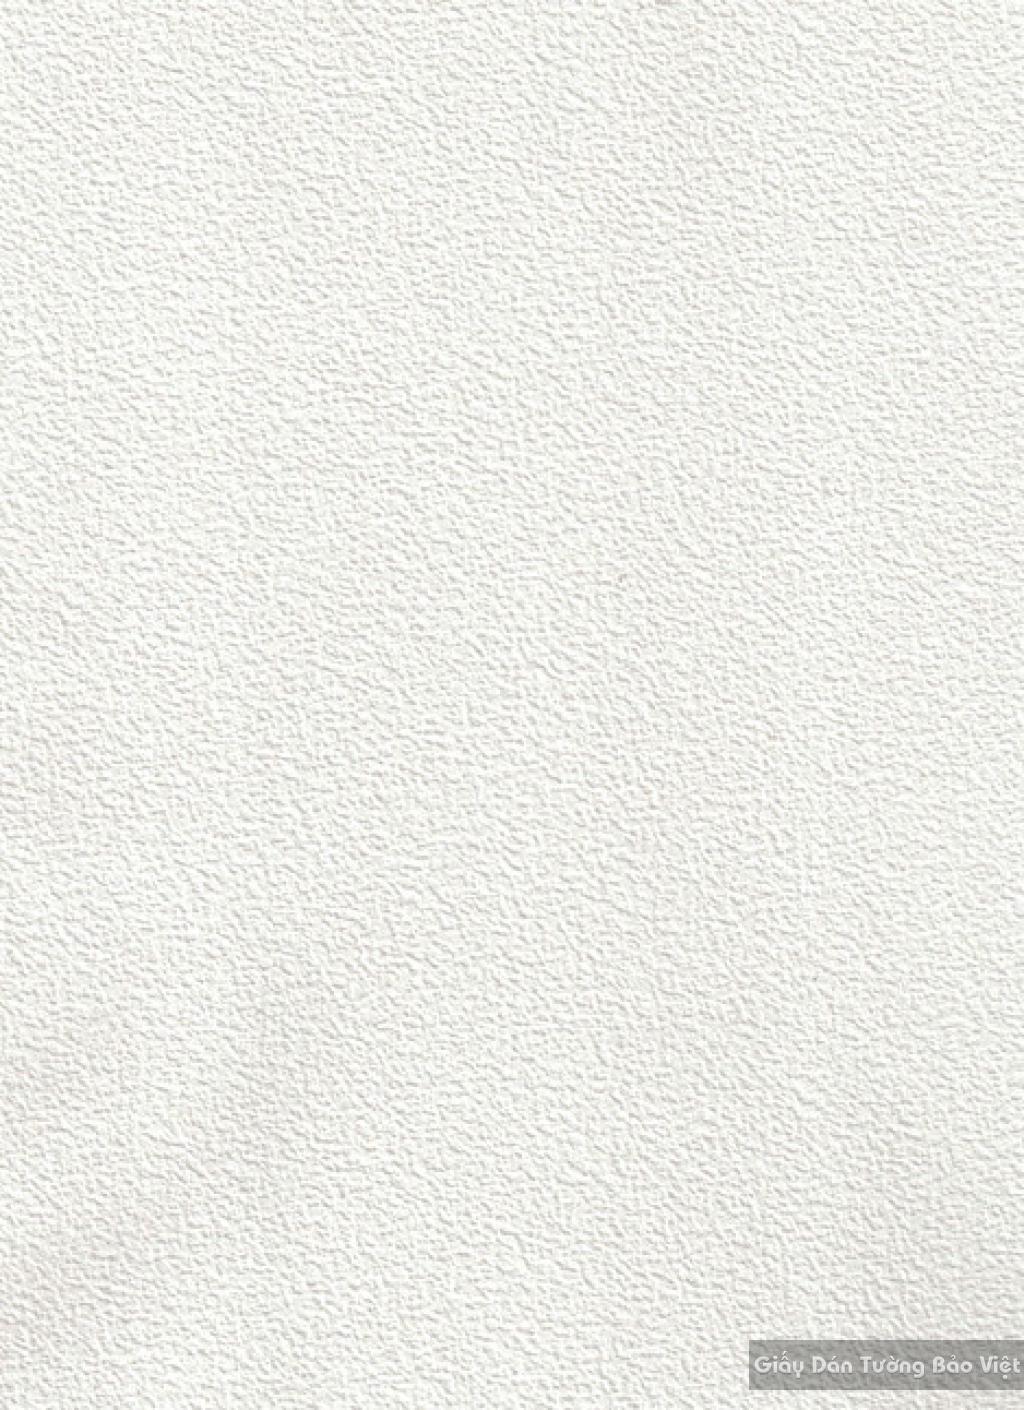 Giấy dán tường Hàn Quốc 65000-3